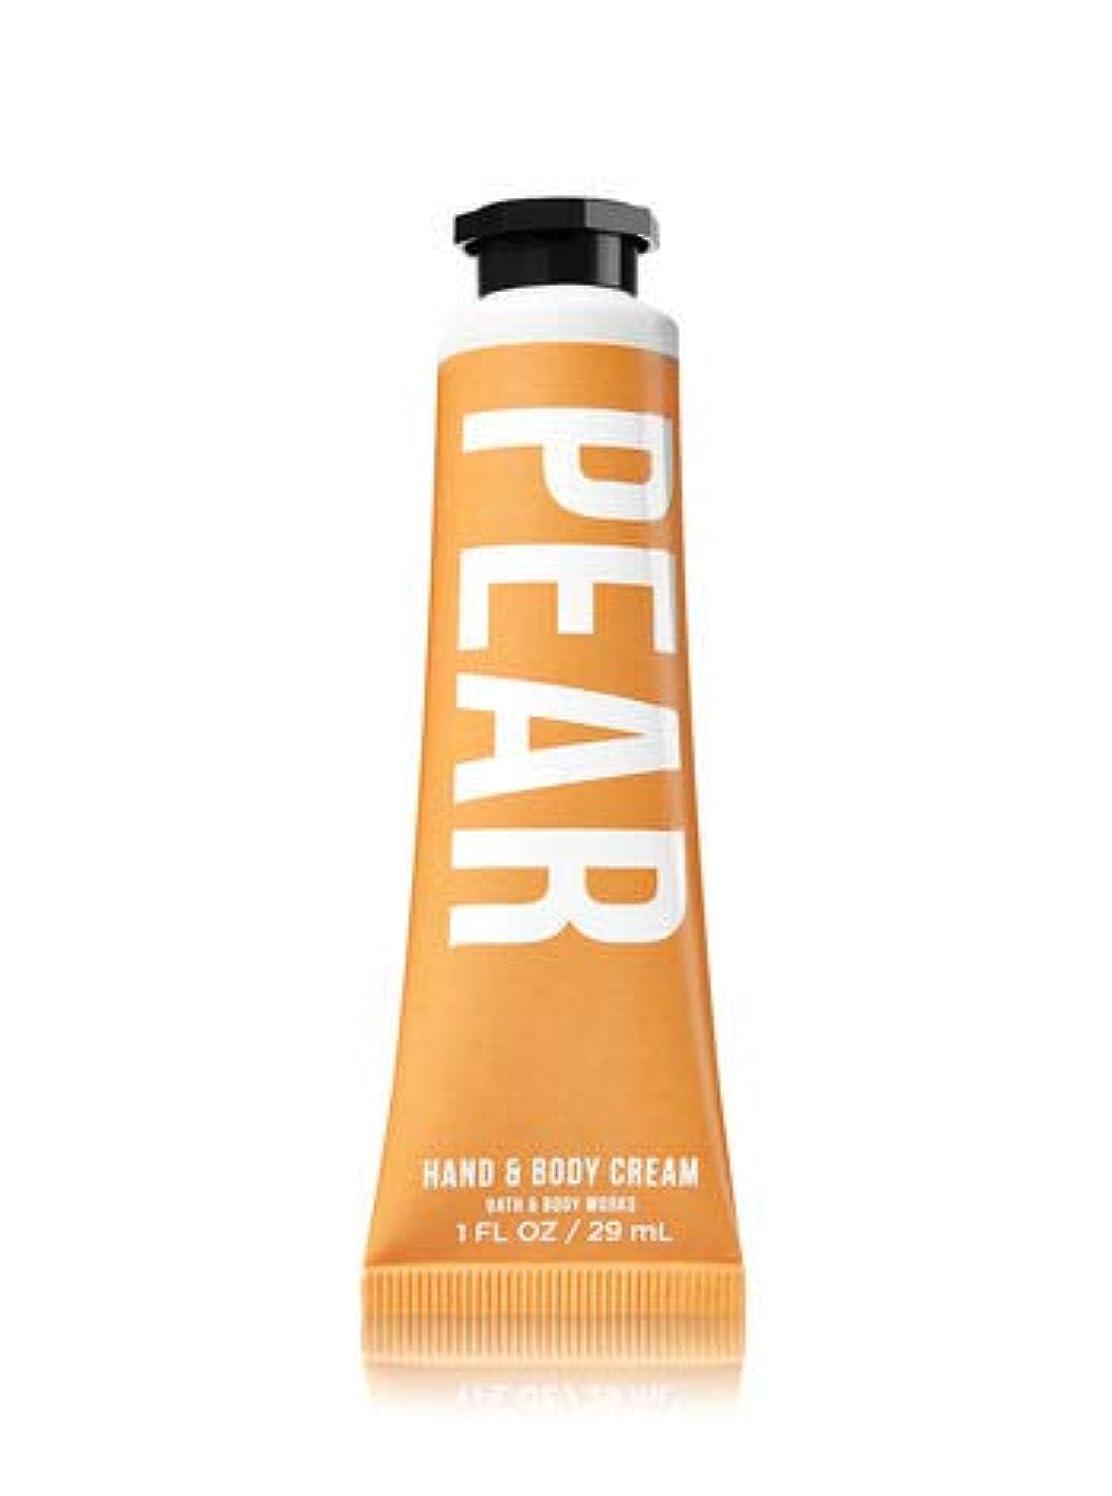 突っ込むプロポーショナル机【Bath&Body Works/バス&ボディワークス】 シアバター ハンド&ボディクリーム ペアー Shea Butter Hand & Body Cream Pear 1 fl oz / 29 mL [並行輸入品]